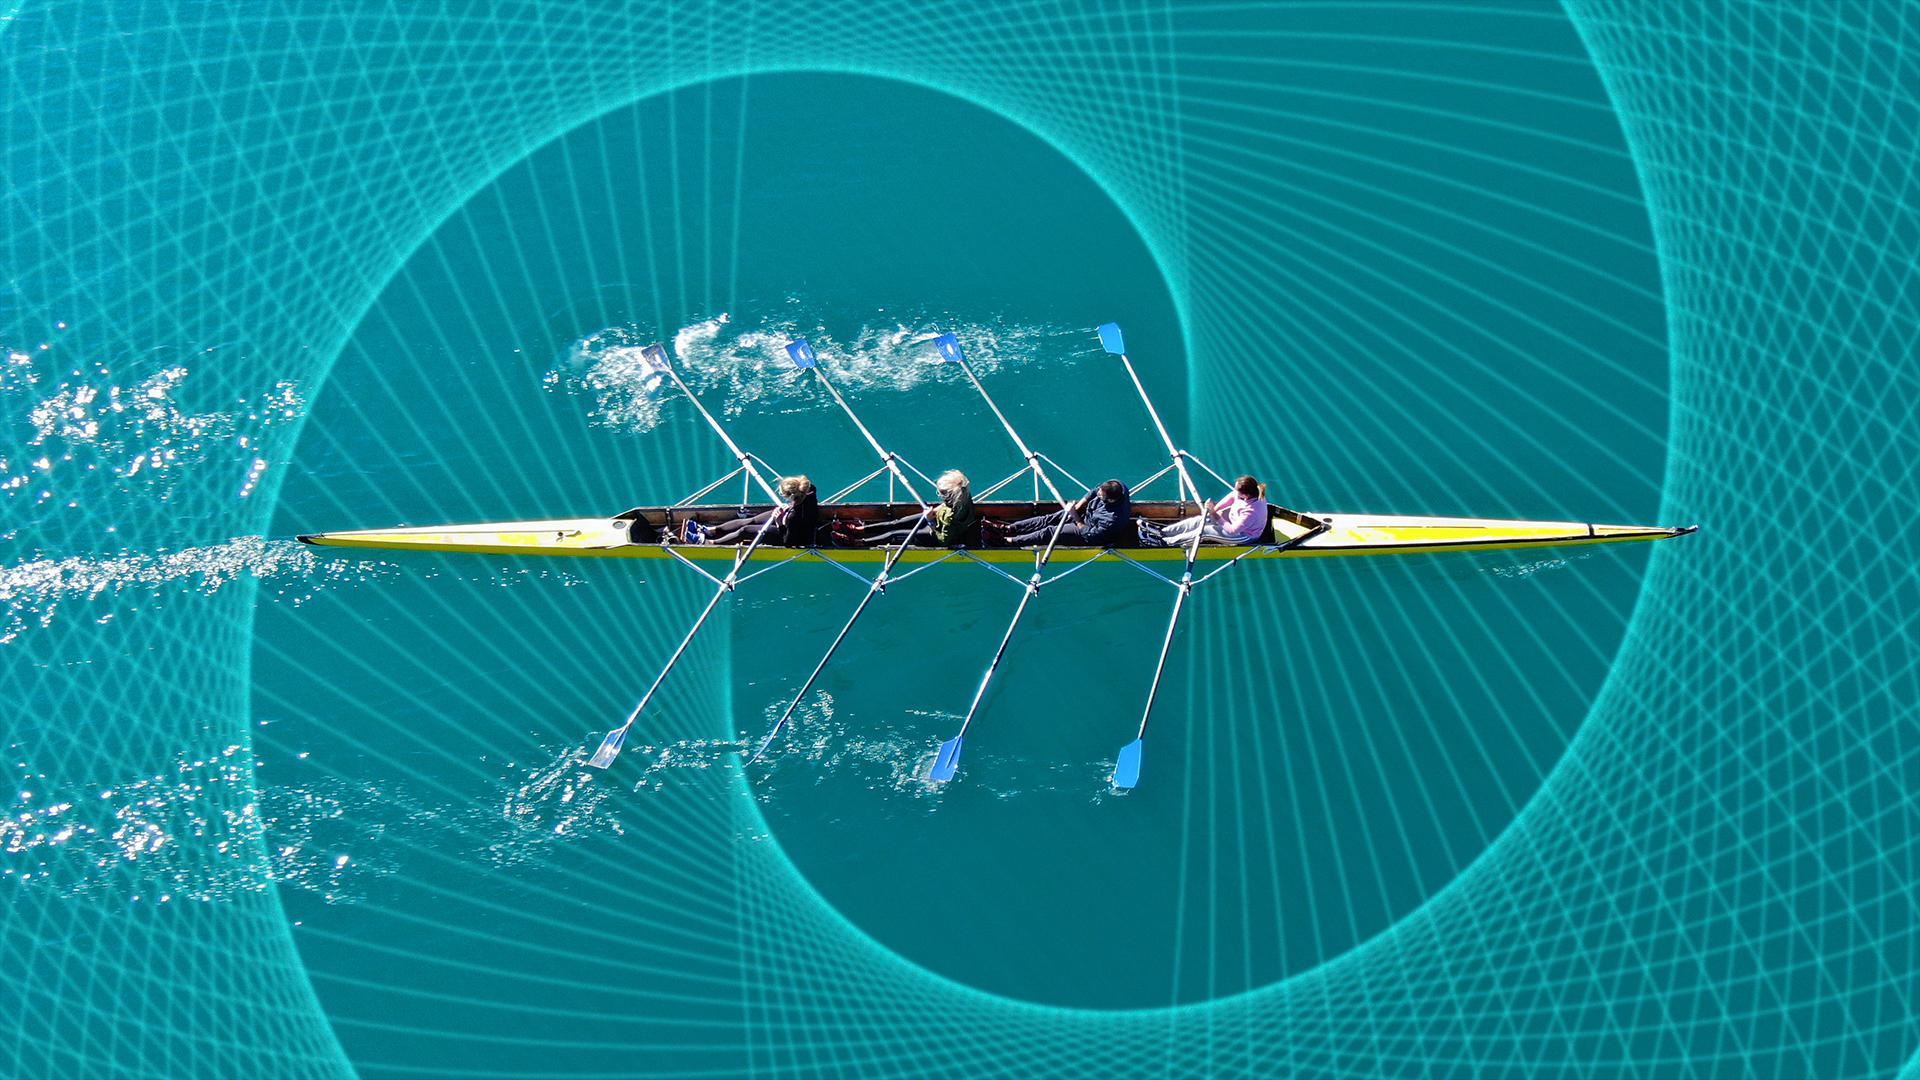 Starkes-wir-gruppe-flow-16-9-3-FT94